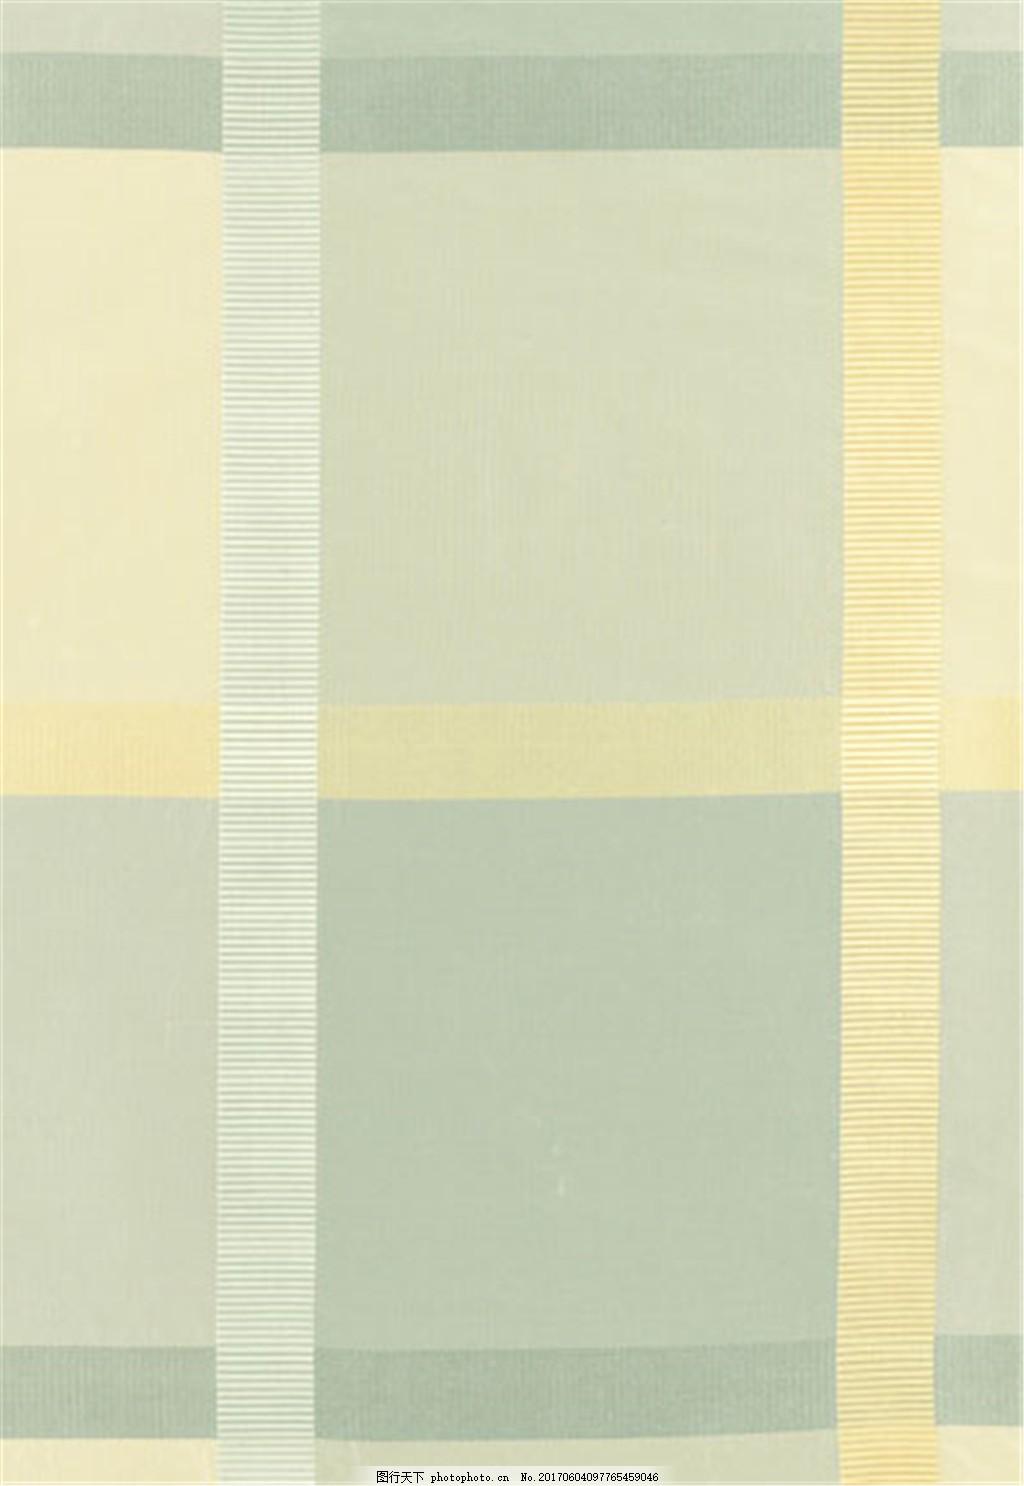 浅绿色大格子布艺壁纸 欧式花纹背景图 壁纸图片下载 装饰设计 装饰